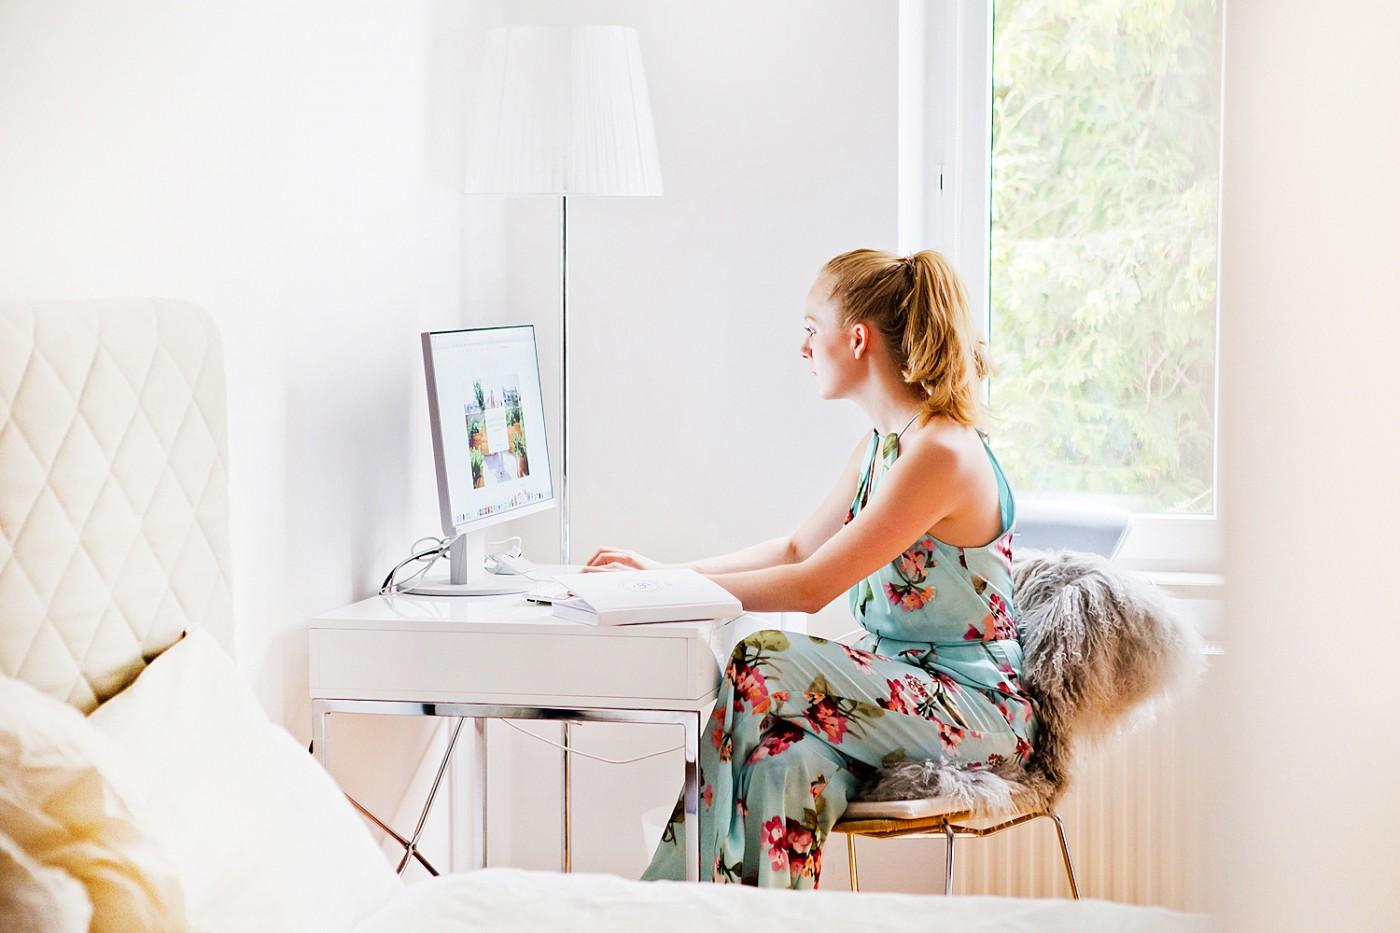 office inspiration _ westwing now schreibtisch _ eizo bildschirm _ fell über stuhl _ büro inspiration